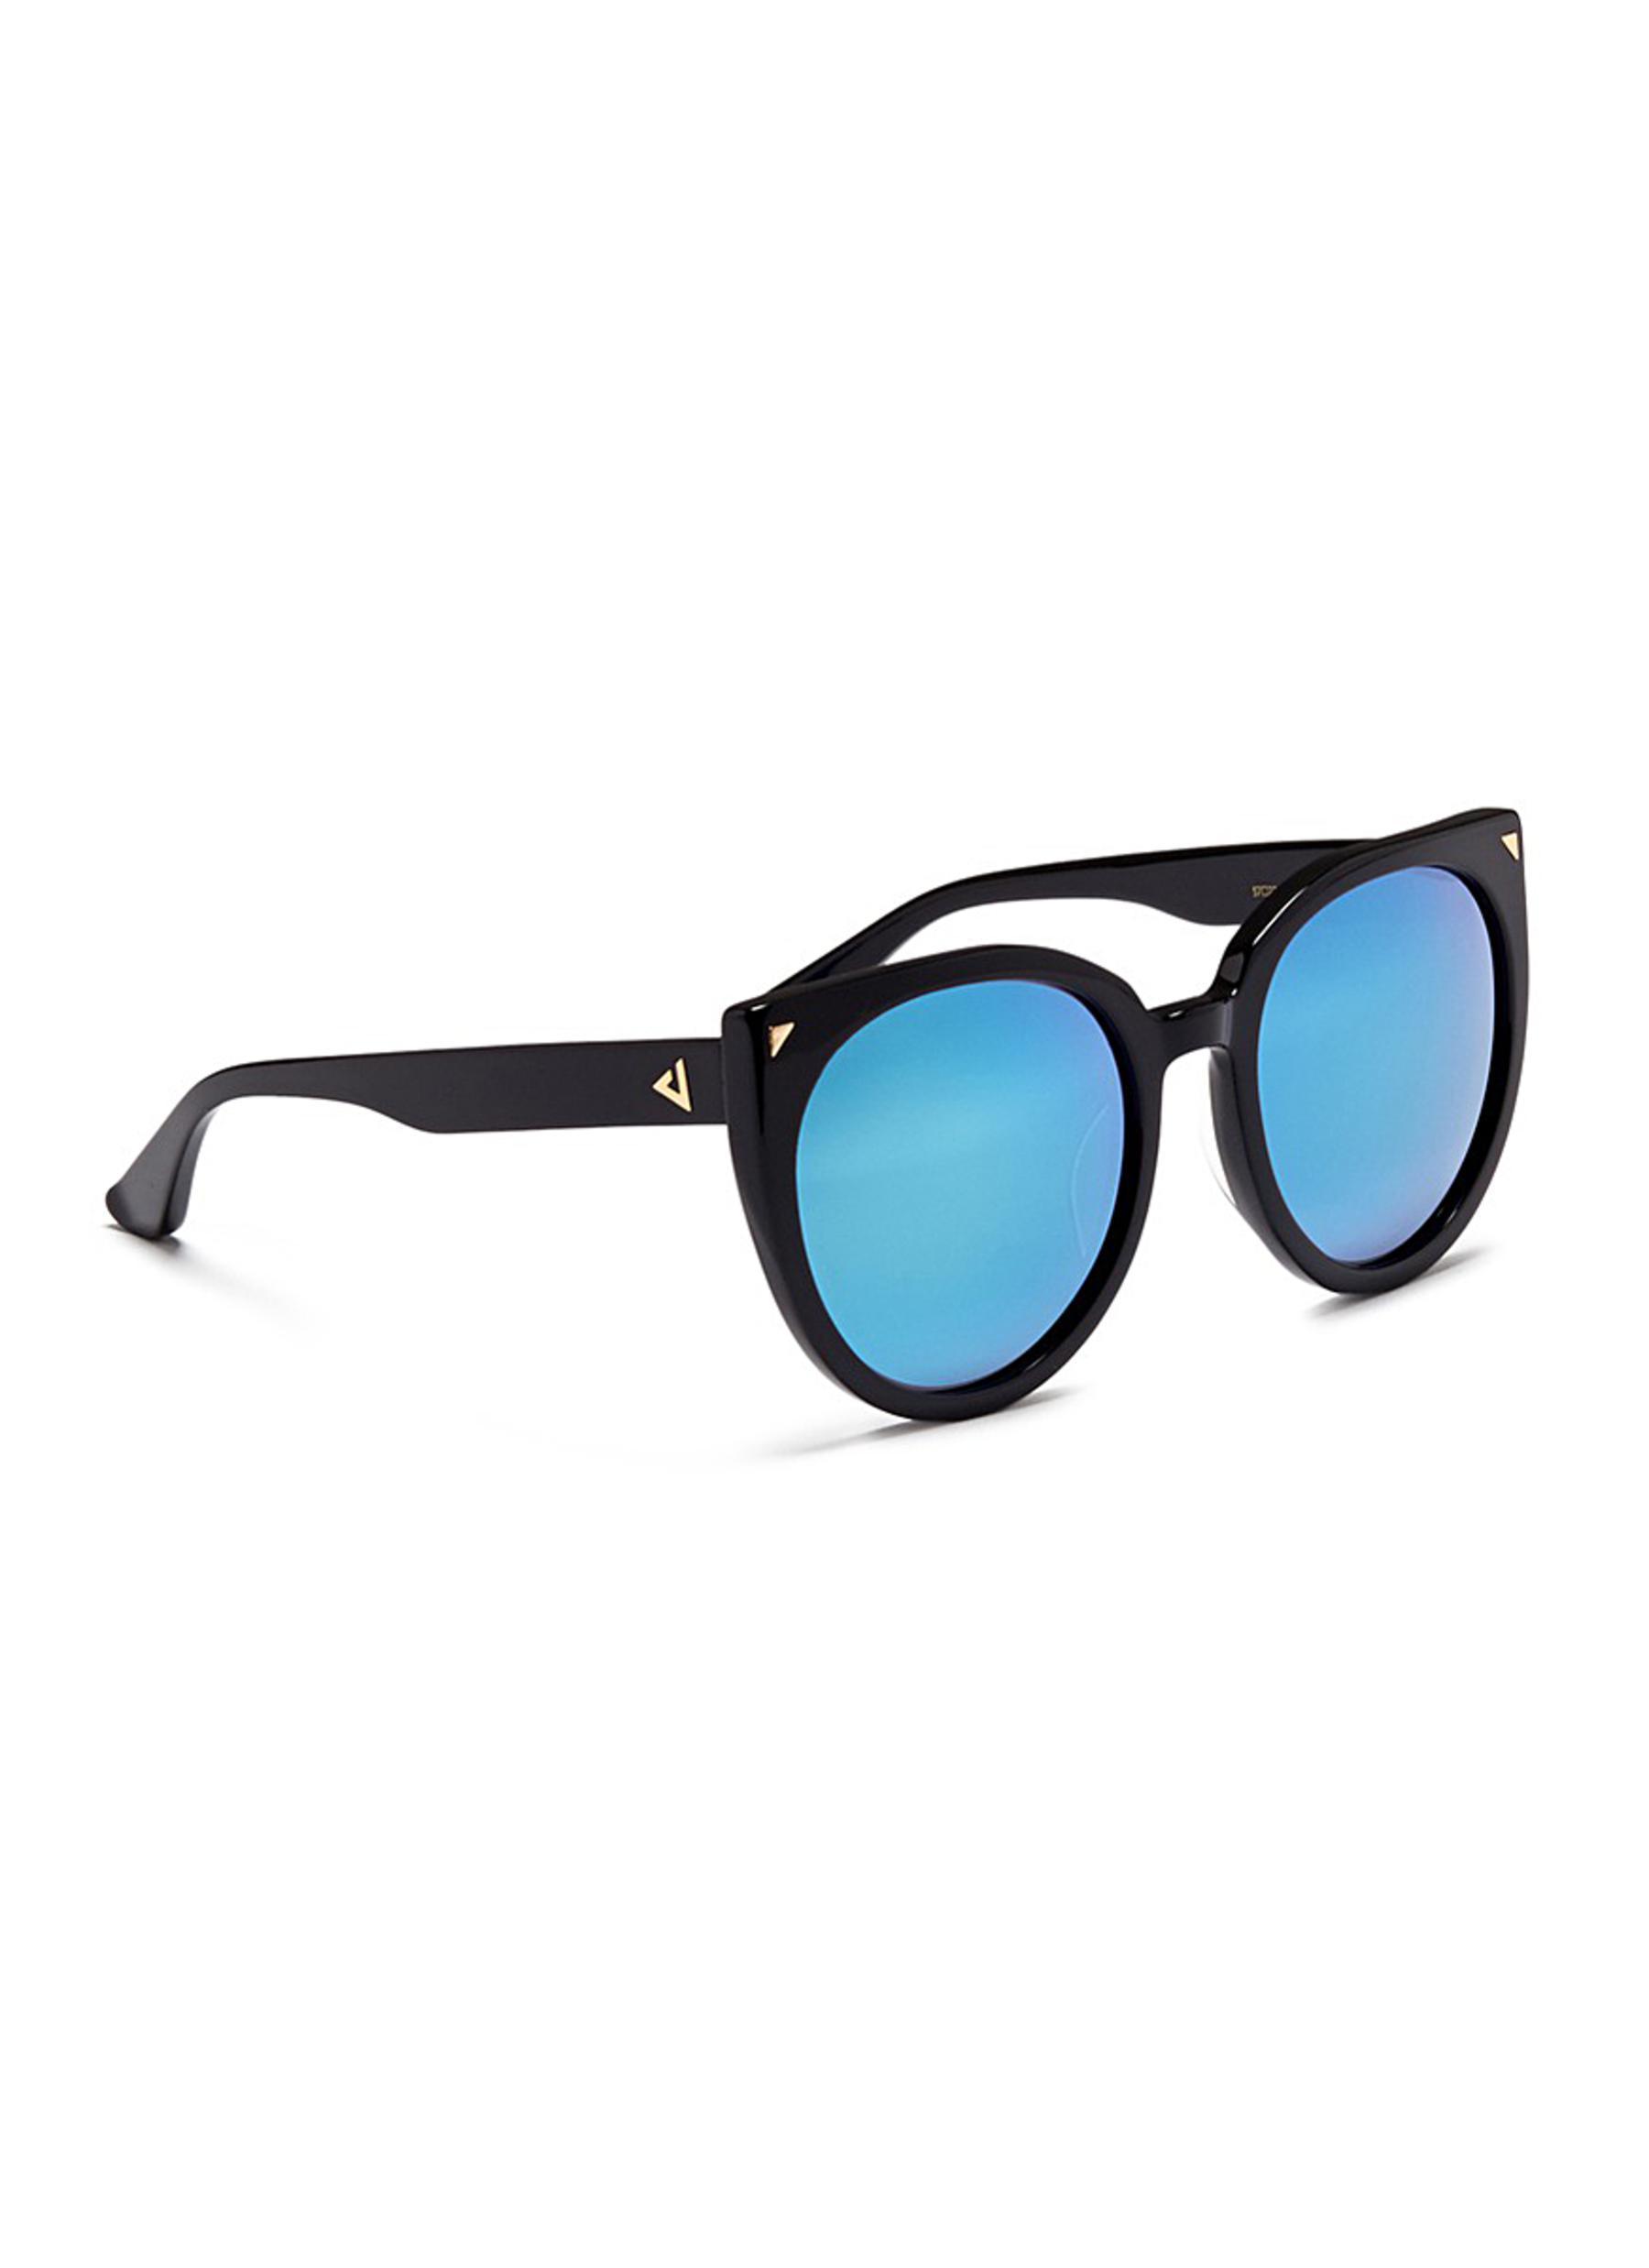 Stephane + Christian 'monroe' Oversize Cat Eye Acetate Mirror Sunglasses in Black